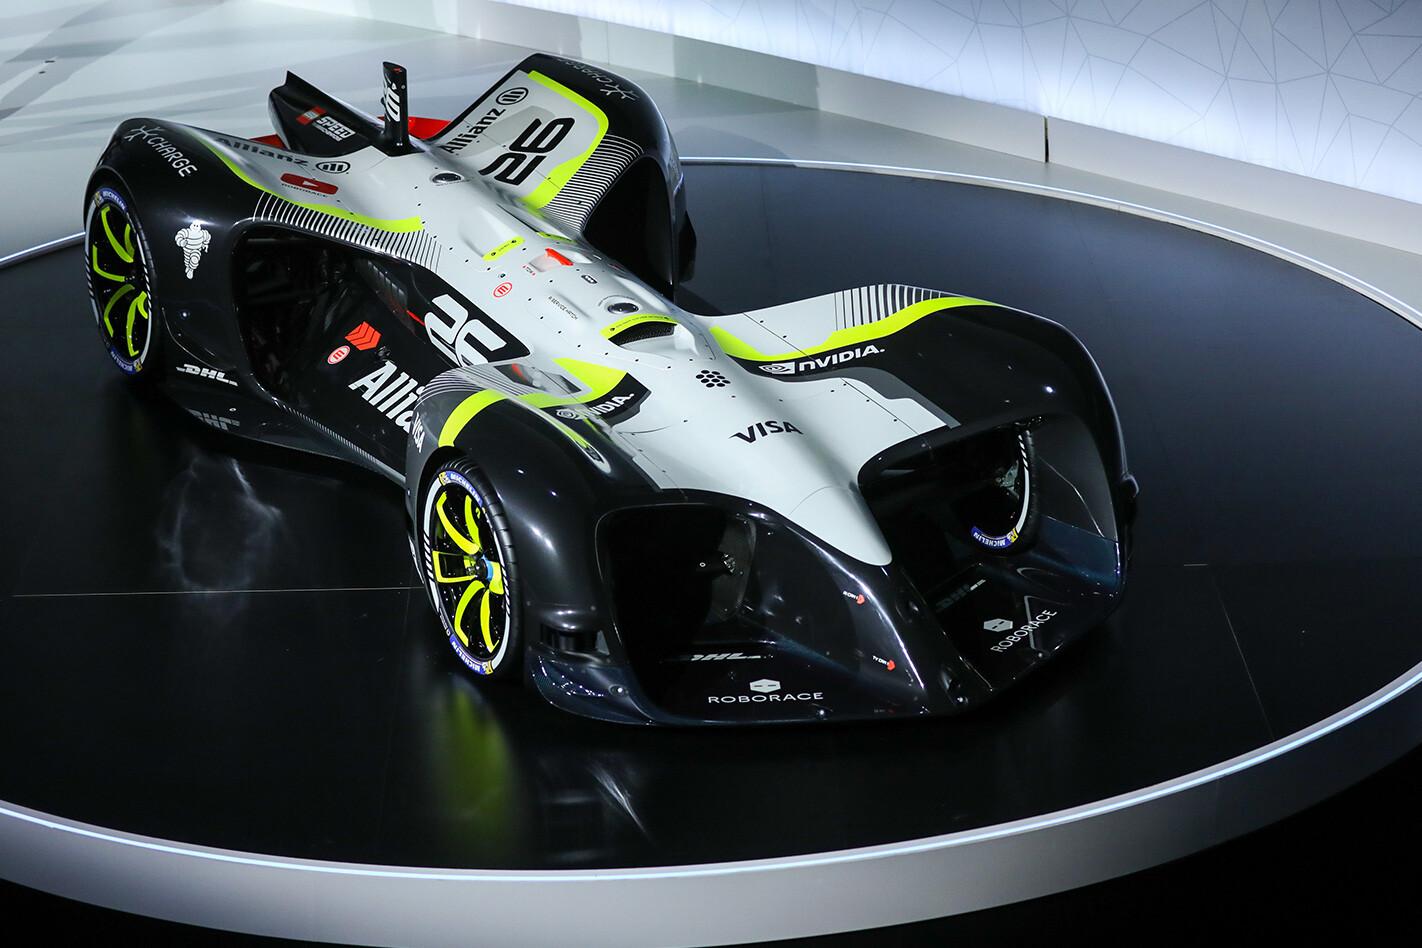 Robo Race Car Jpg